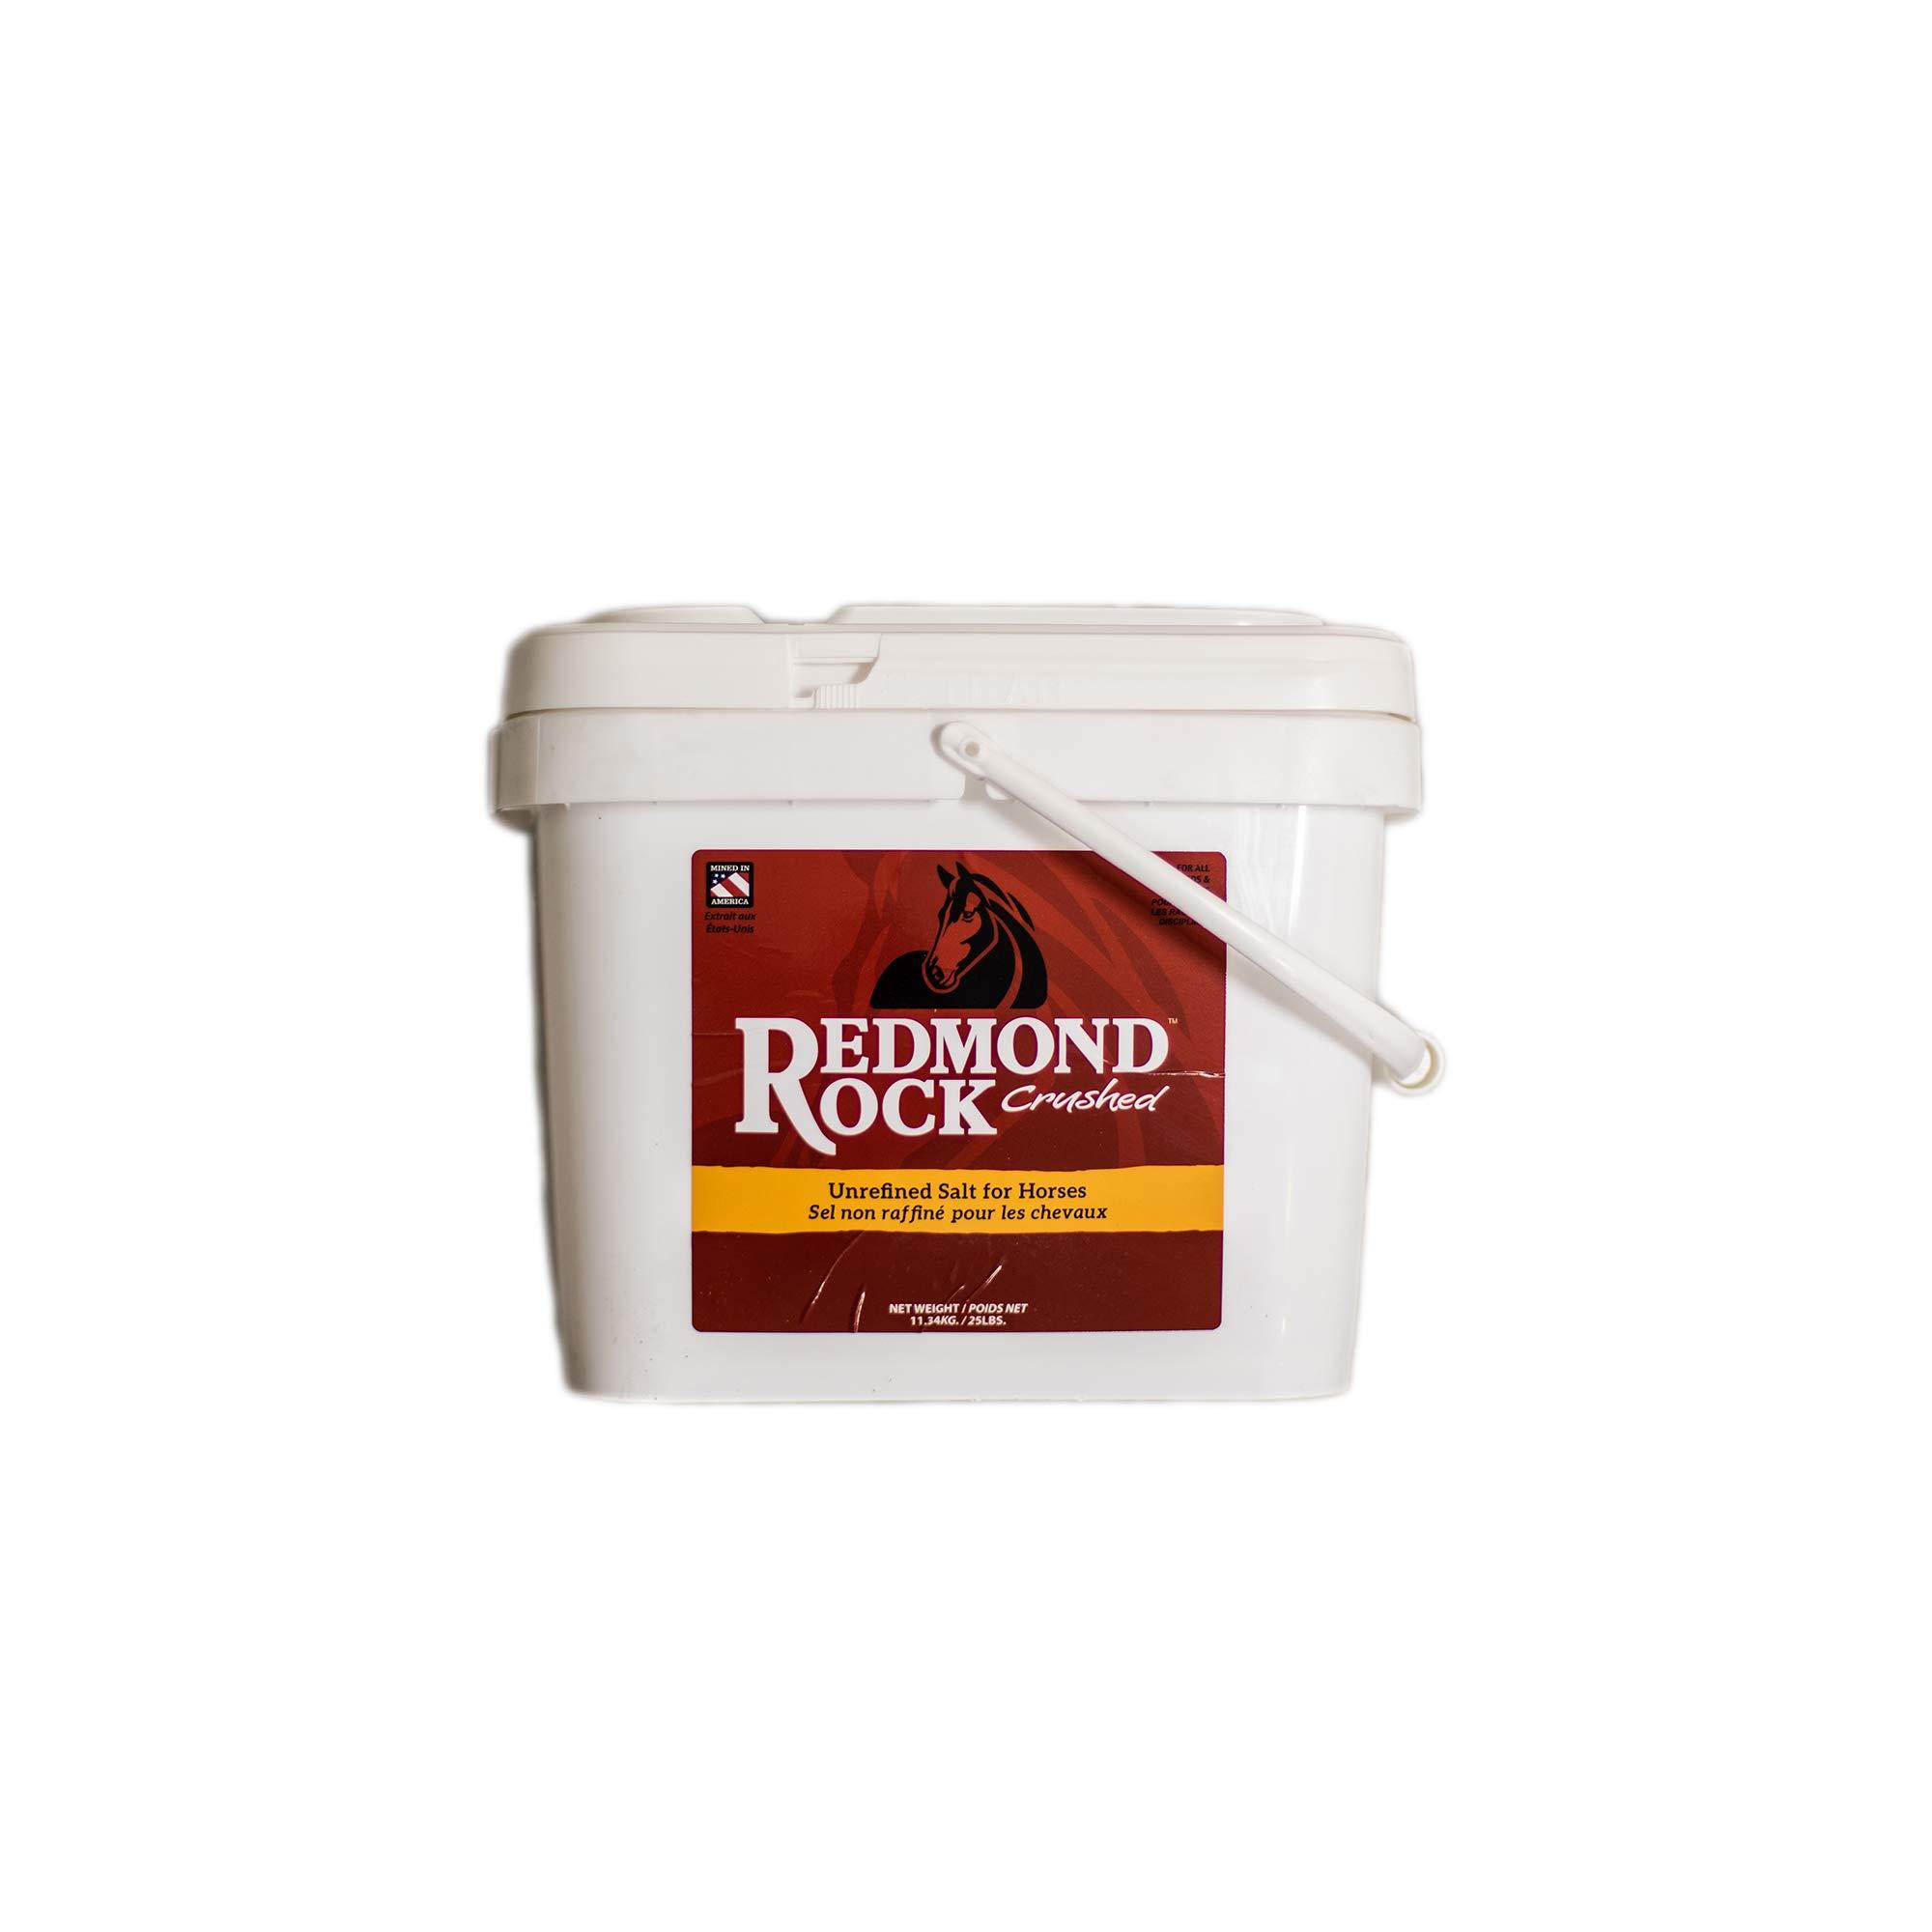 Redmond - Rock Crushed Loose Mineral Salt for Horses, 25 lb. bag by REDMOND (Image #1)